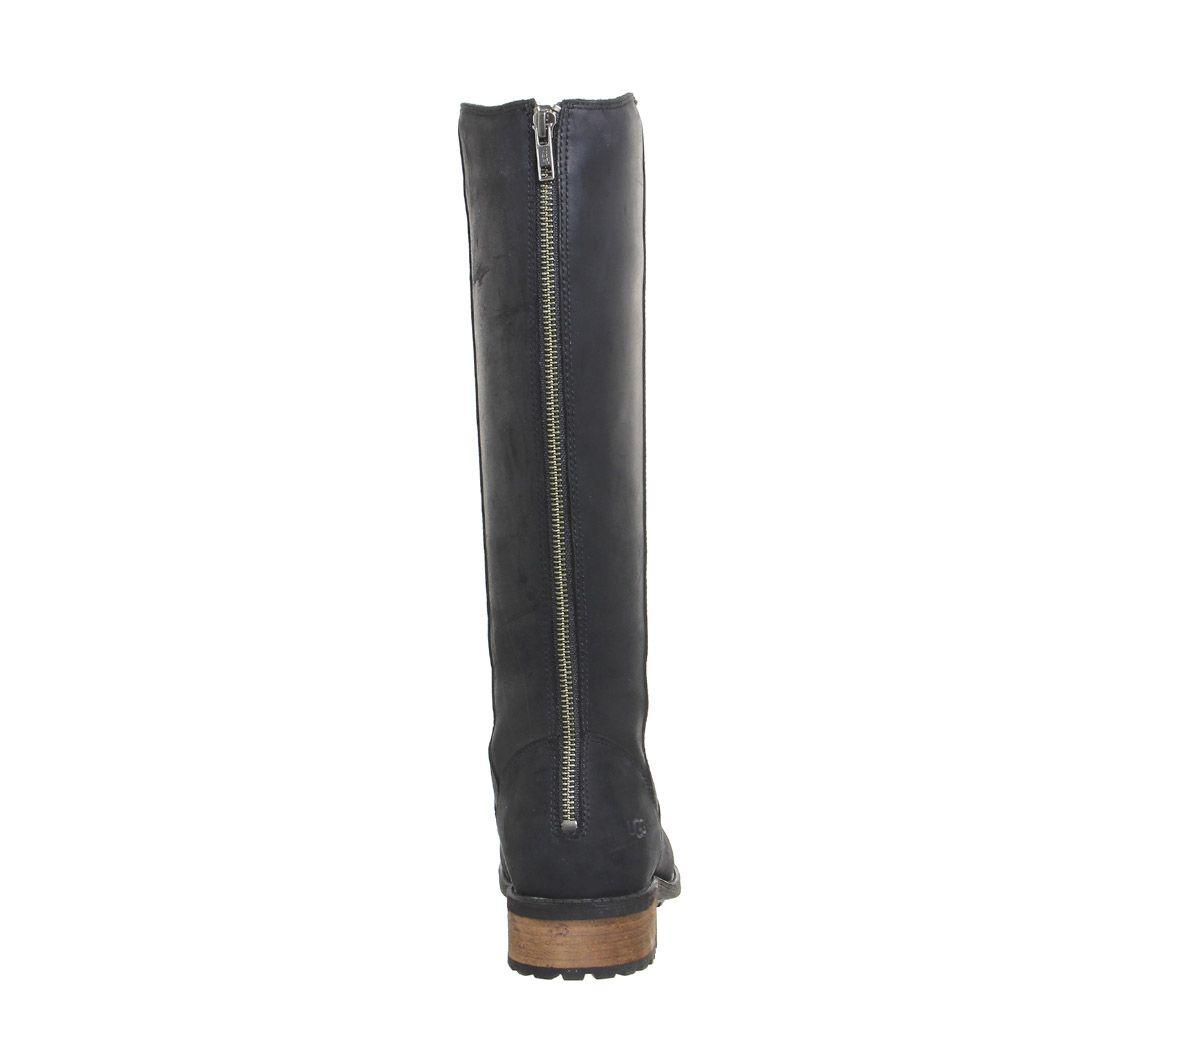 d348e589c2d Seldon boots